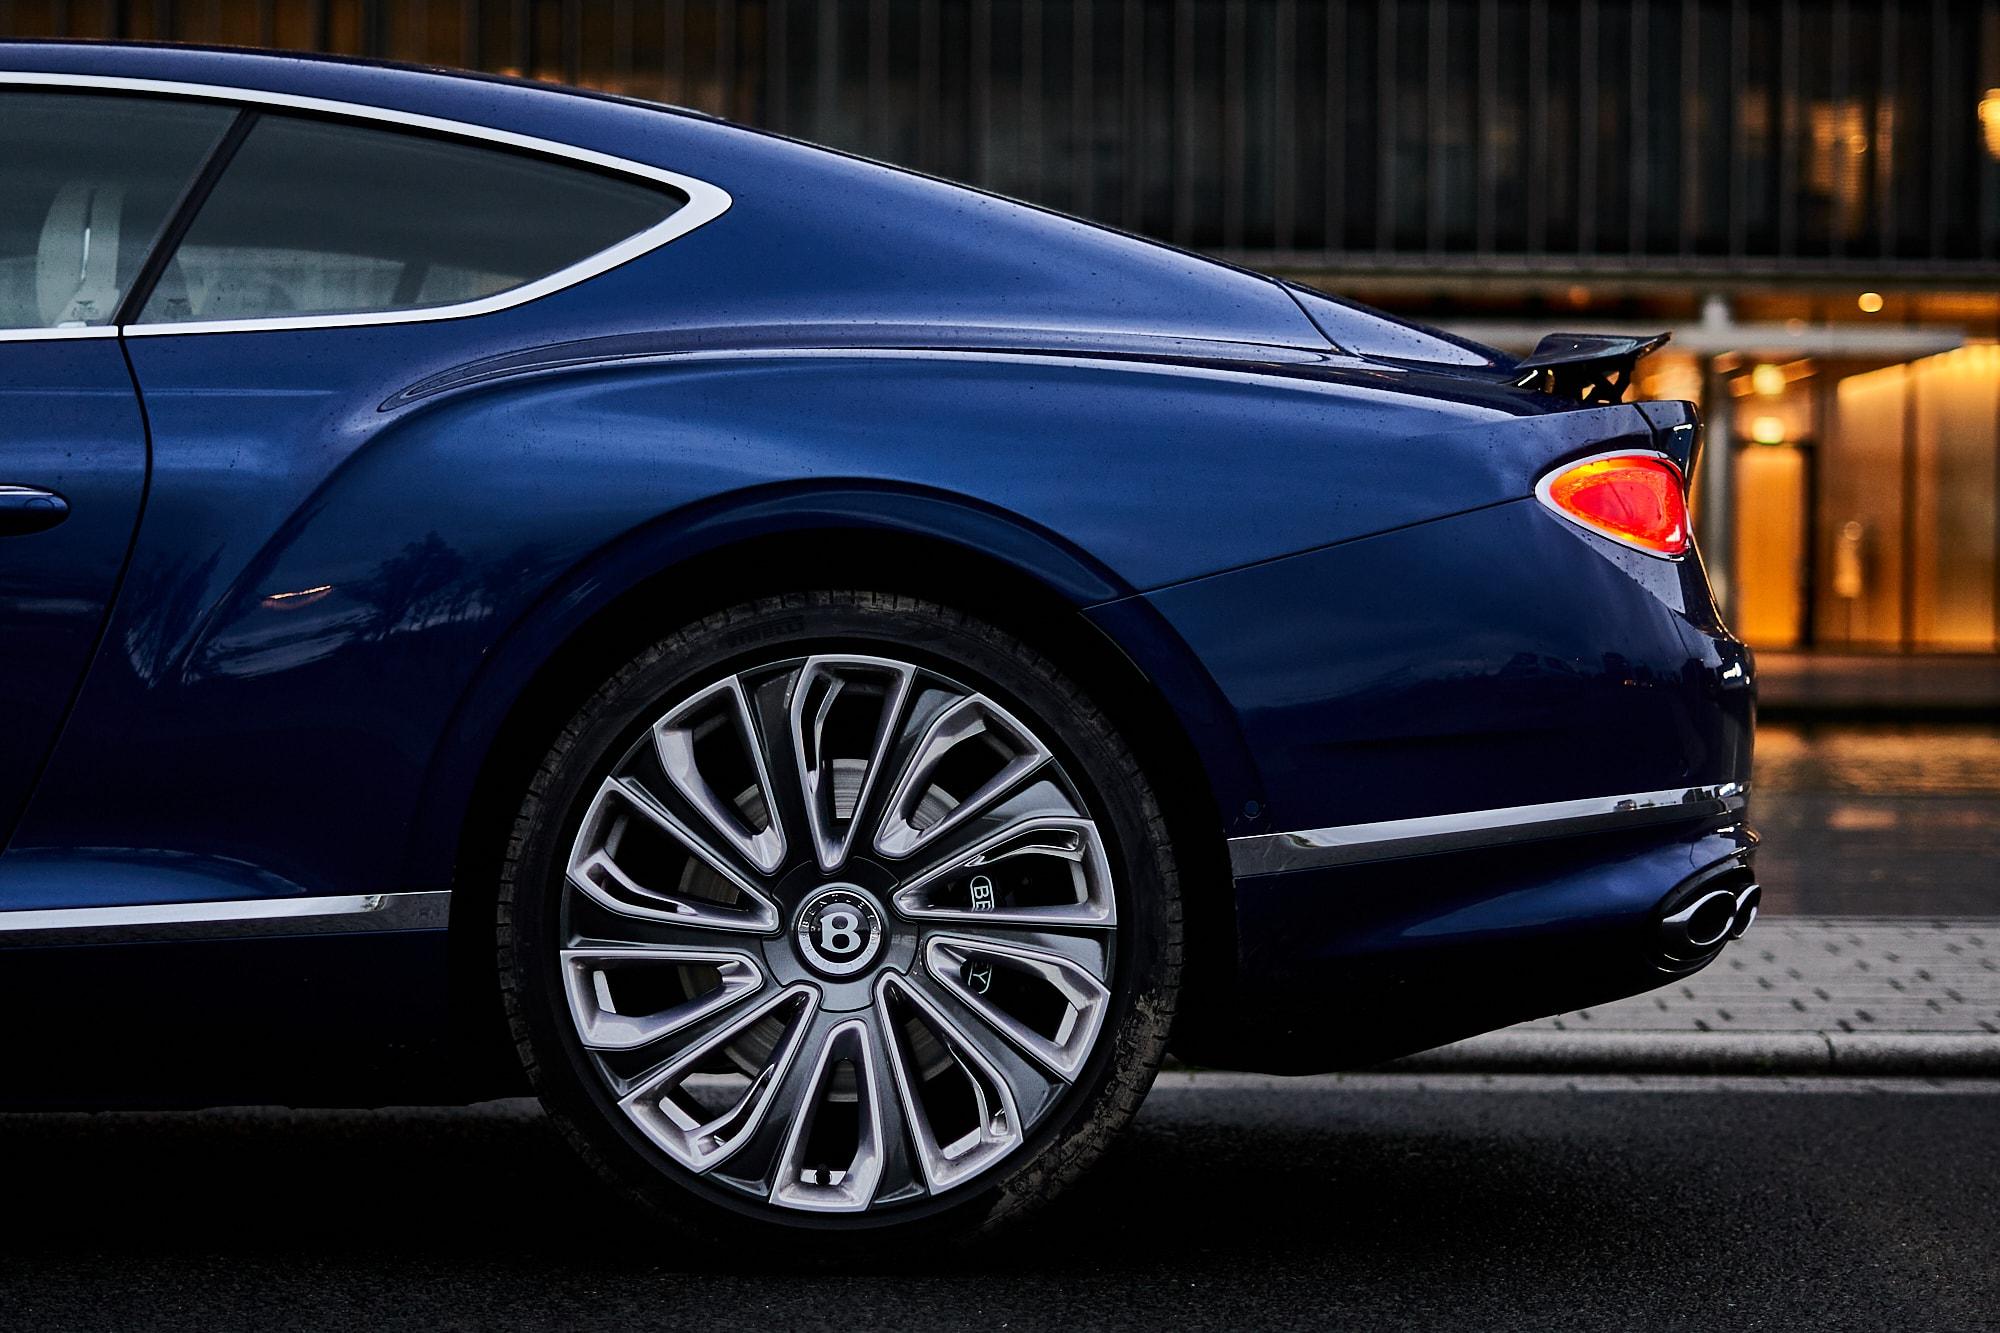 Der Bentley Continental GT Mulliner: Wenn Automobilbau und handwerkliche Präzision zur Kunst verschmelzen 4